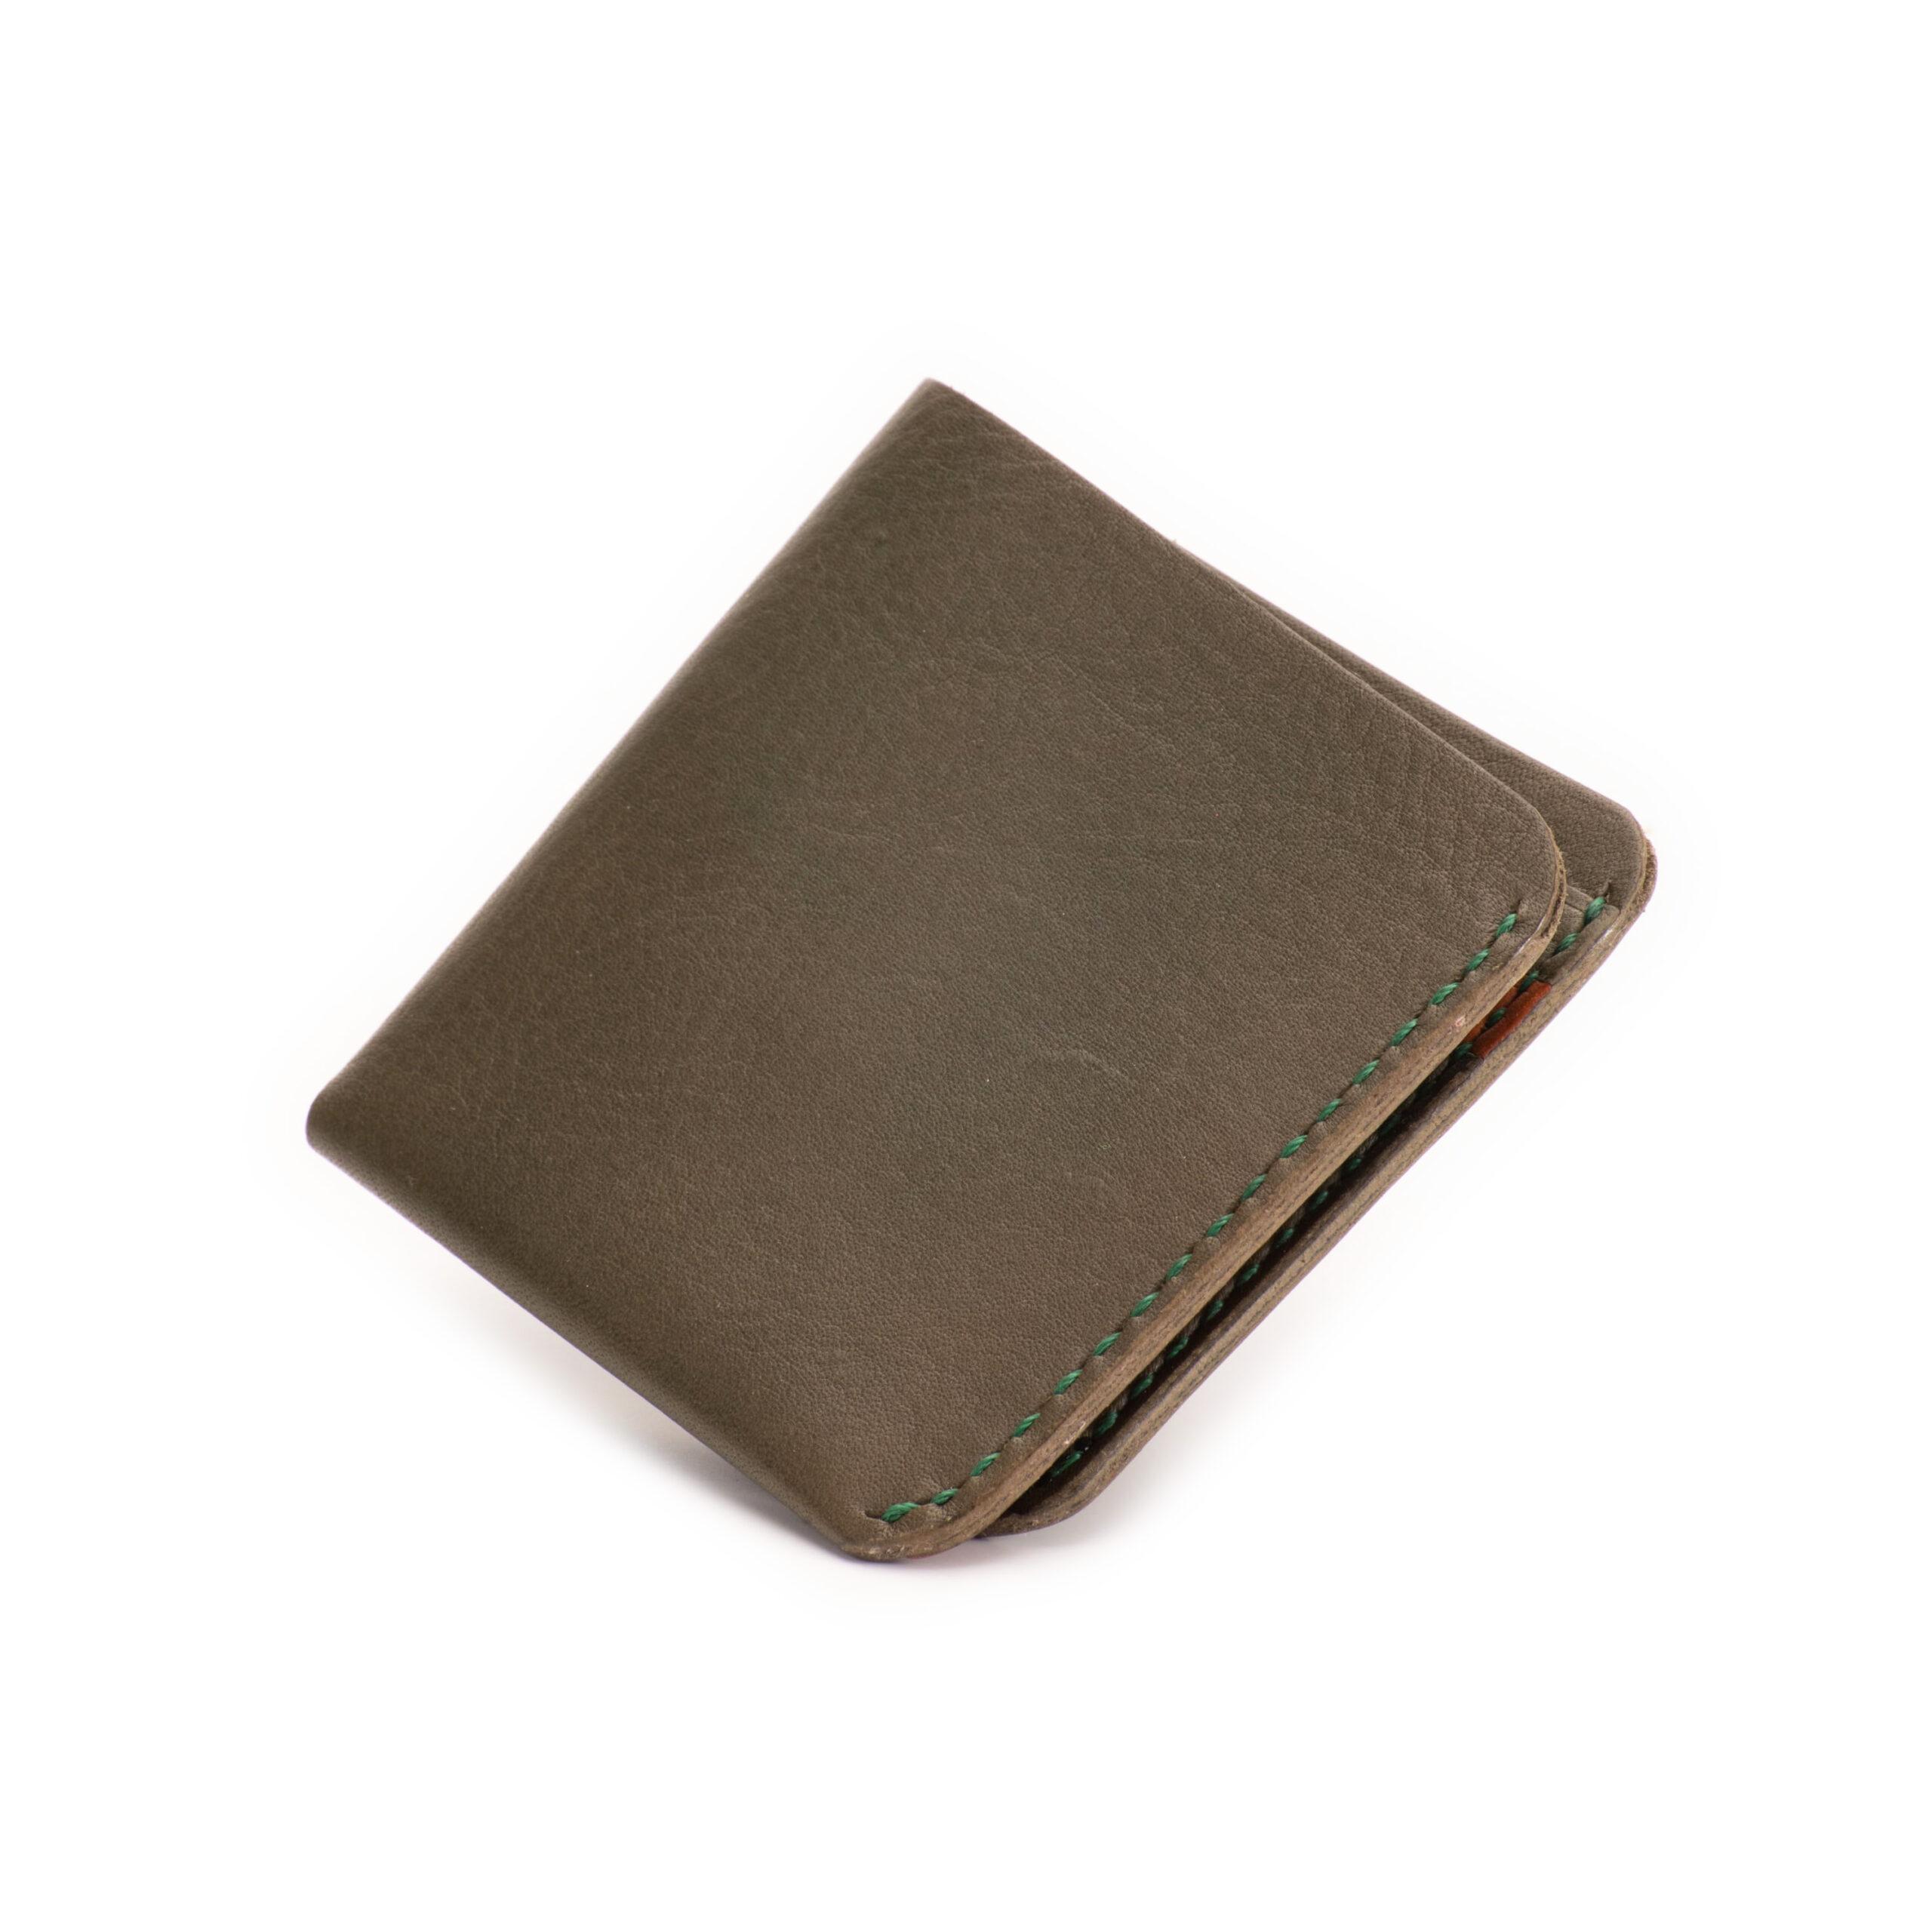 カード&お札ホルダー むくり グリーン